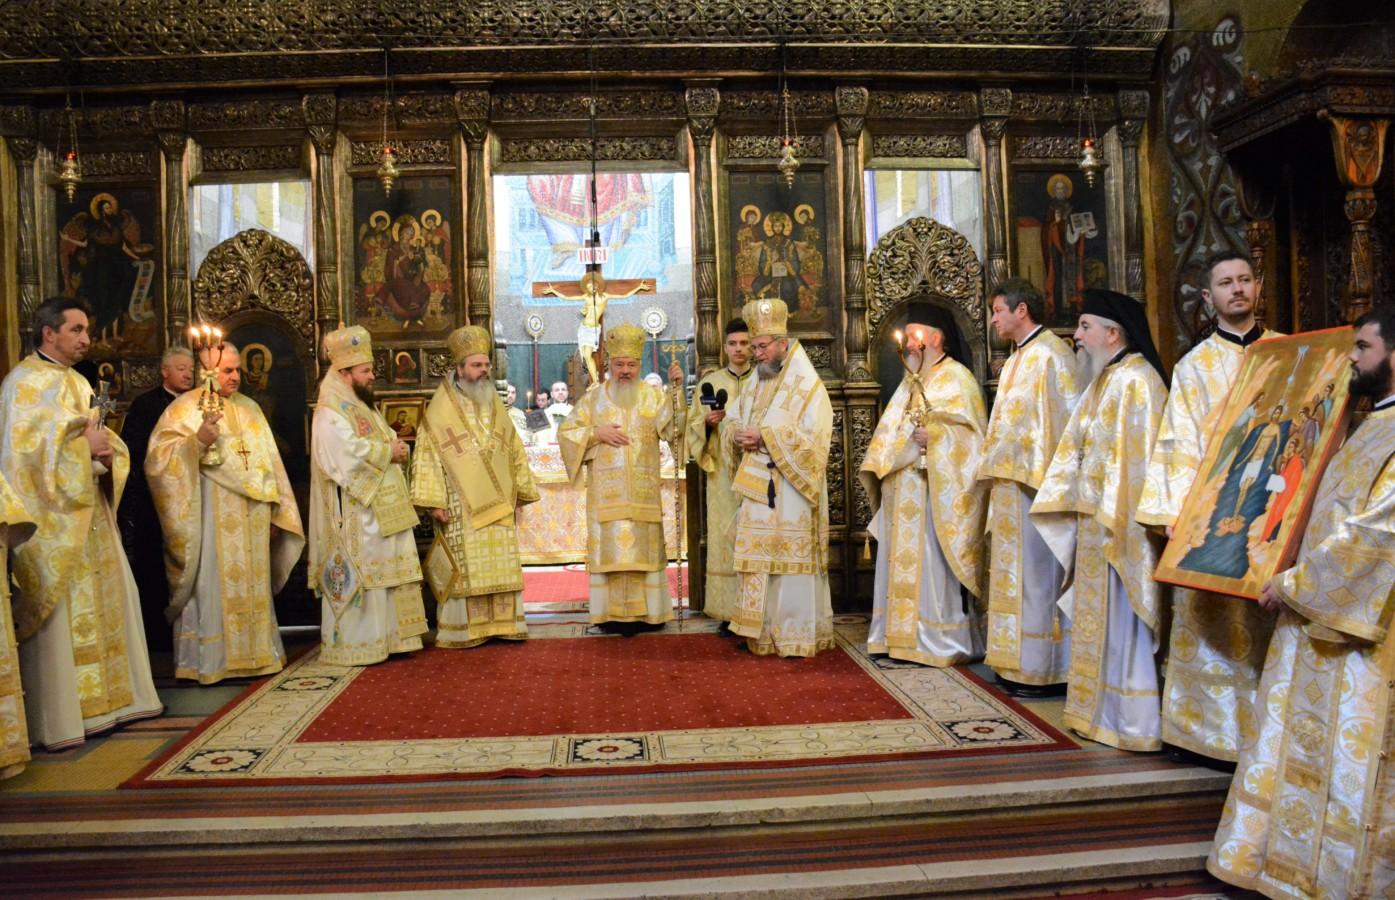 Mitropolitul Andrei – Păstorul blând al Transilvaniei a împlinit 70 de ani